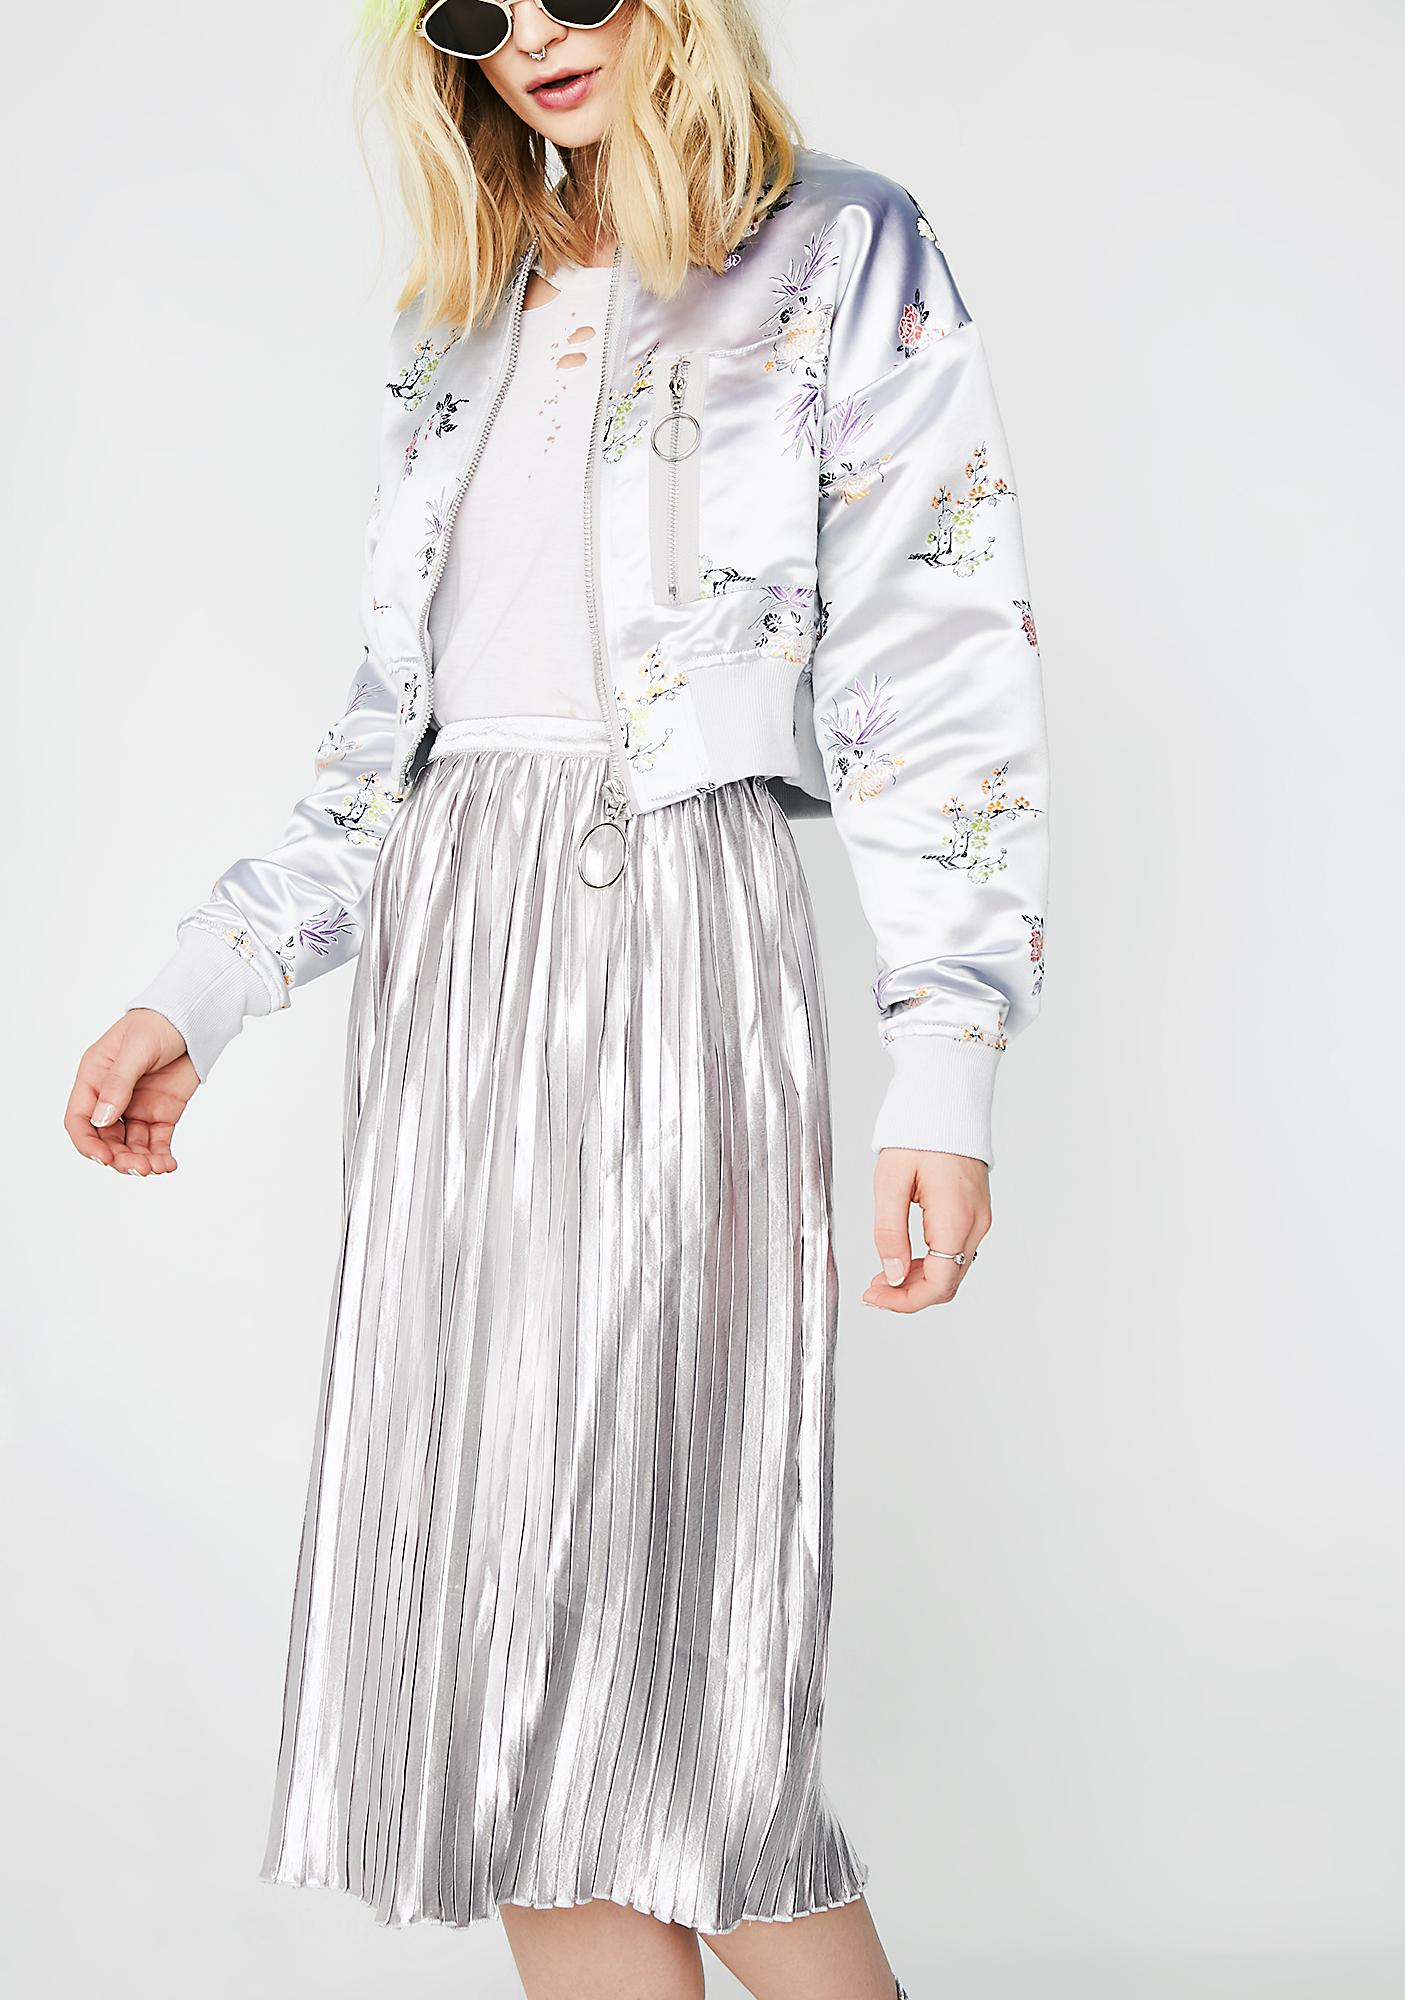 Glamorous Liquid Metal Pleated Skirt